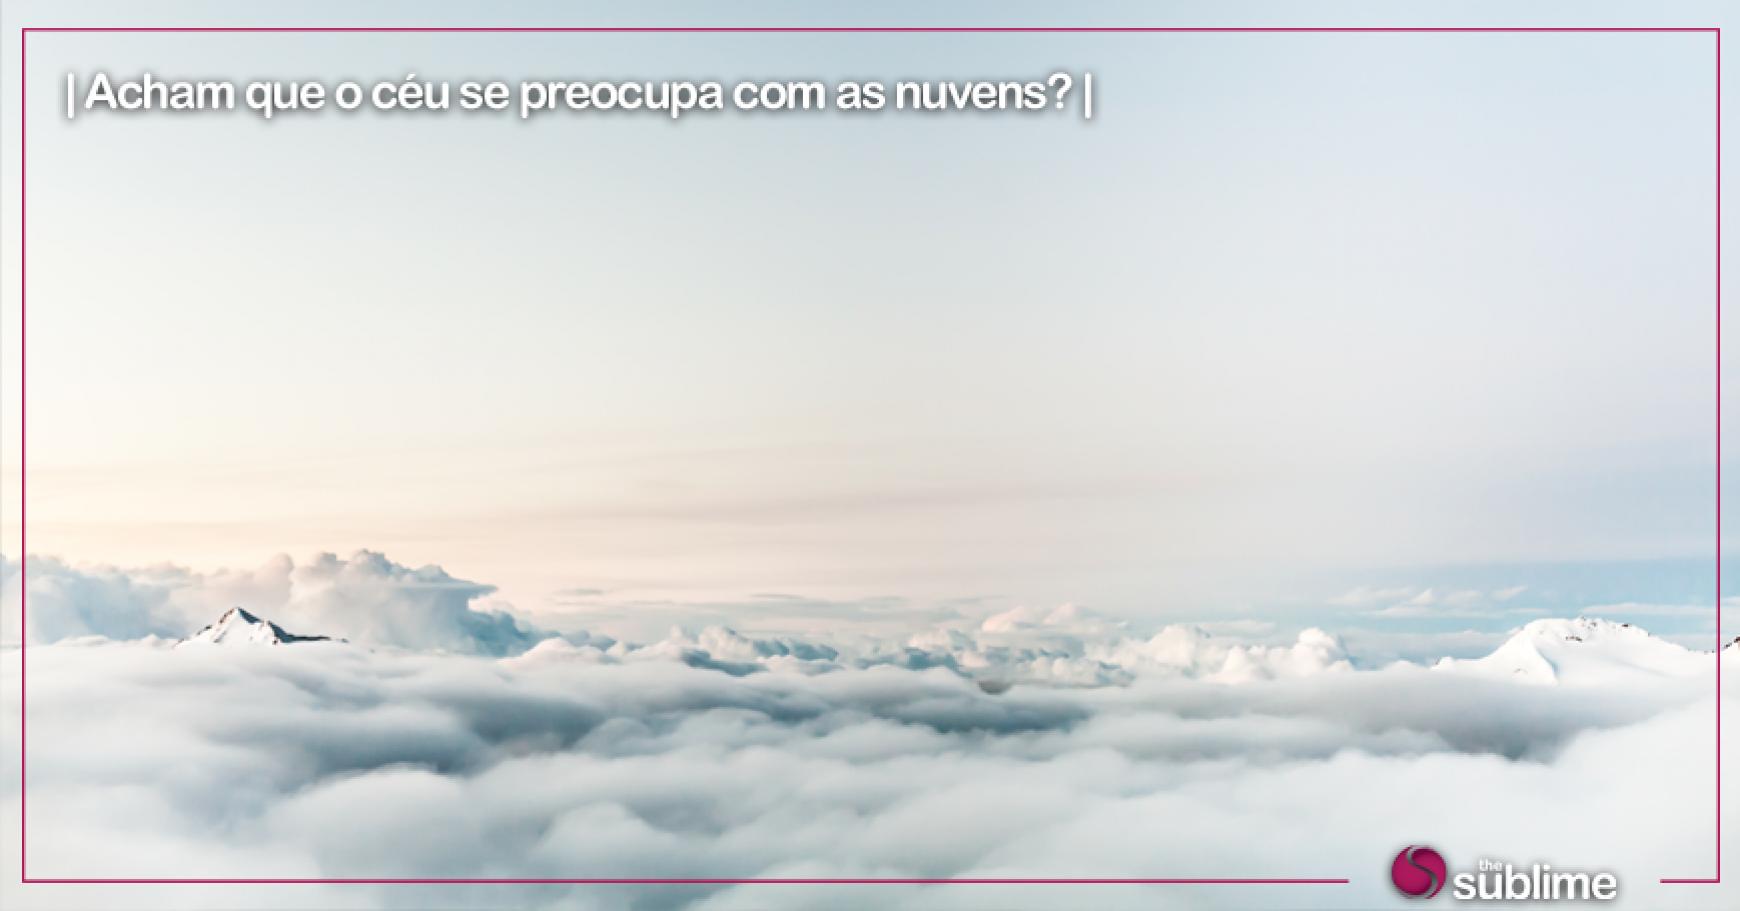 Acham que o céu se preocupa com as nuvens?